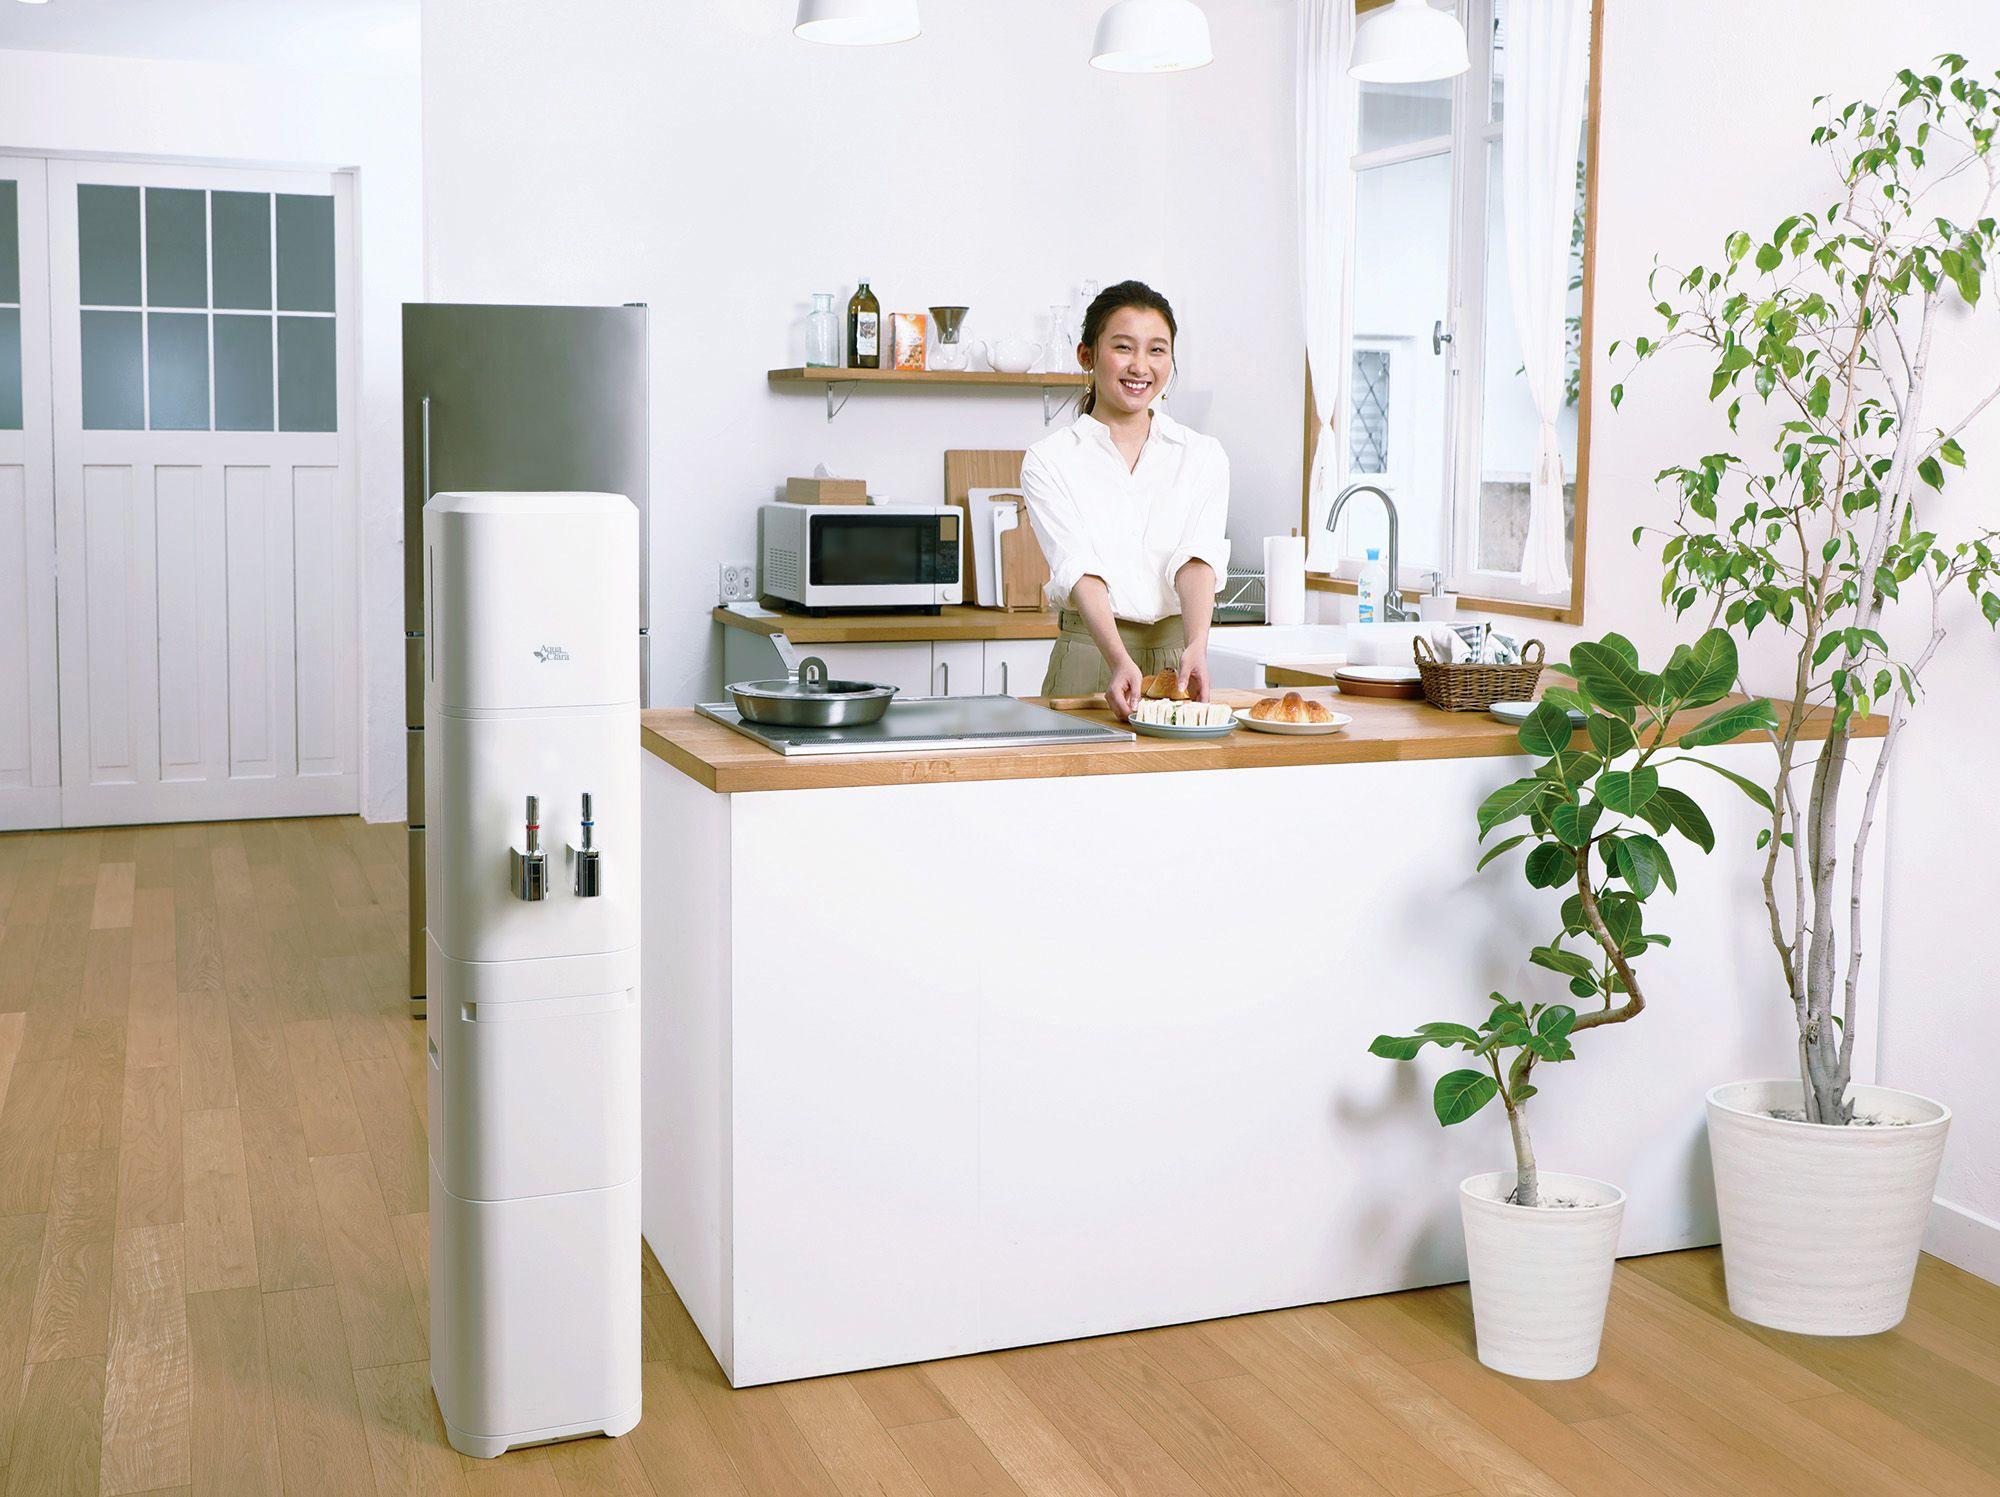 カウンターキッチンで食事の用意をしている女性とキッチン横にアクアクララ AQUA FABが設置されている写真